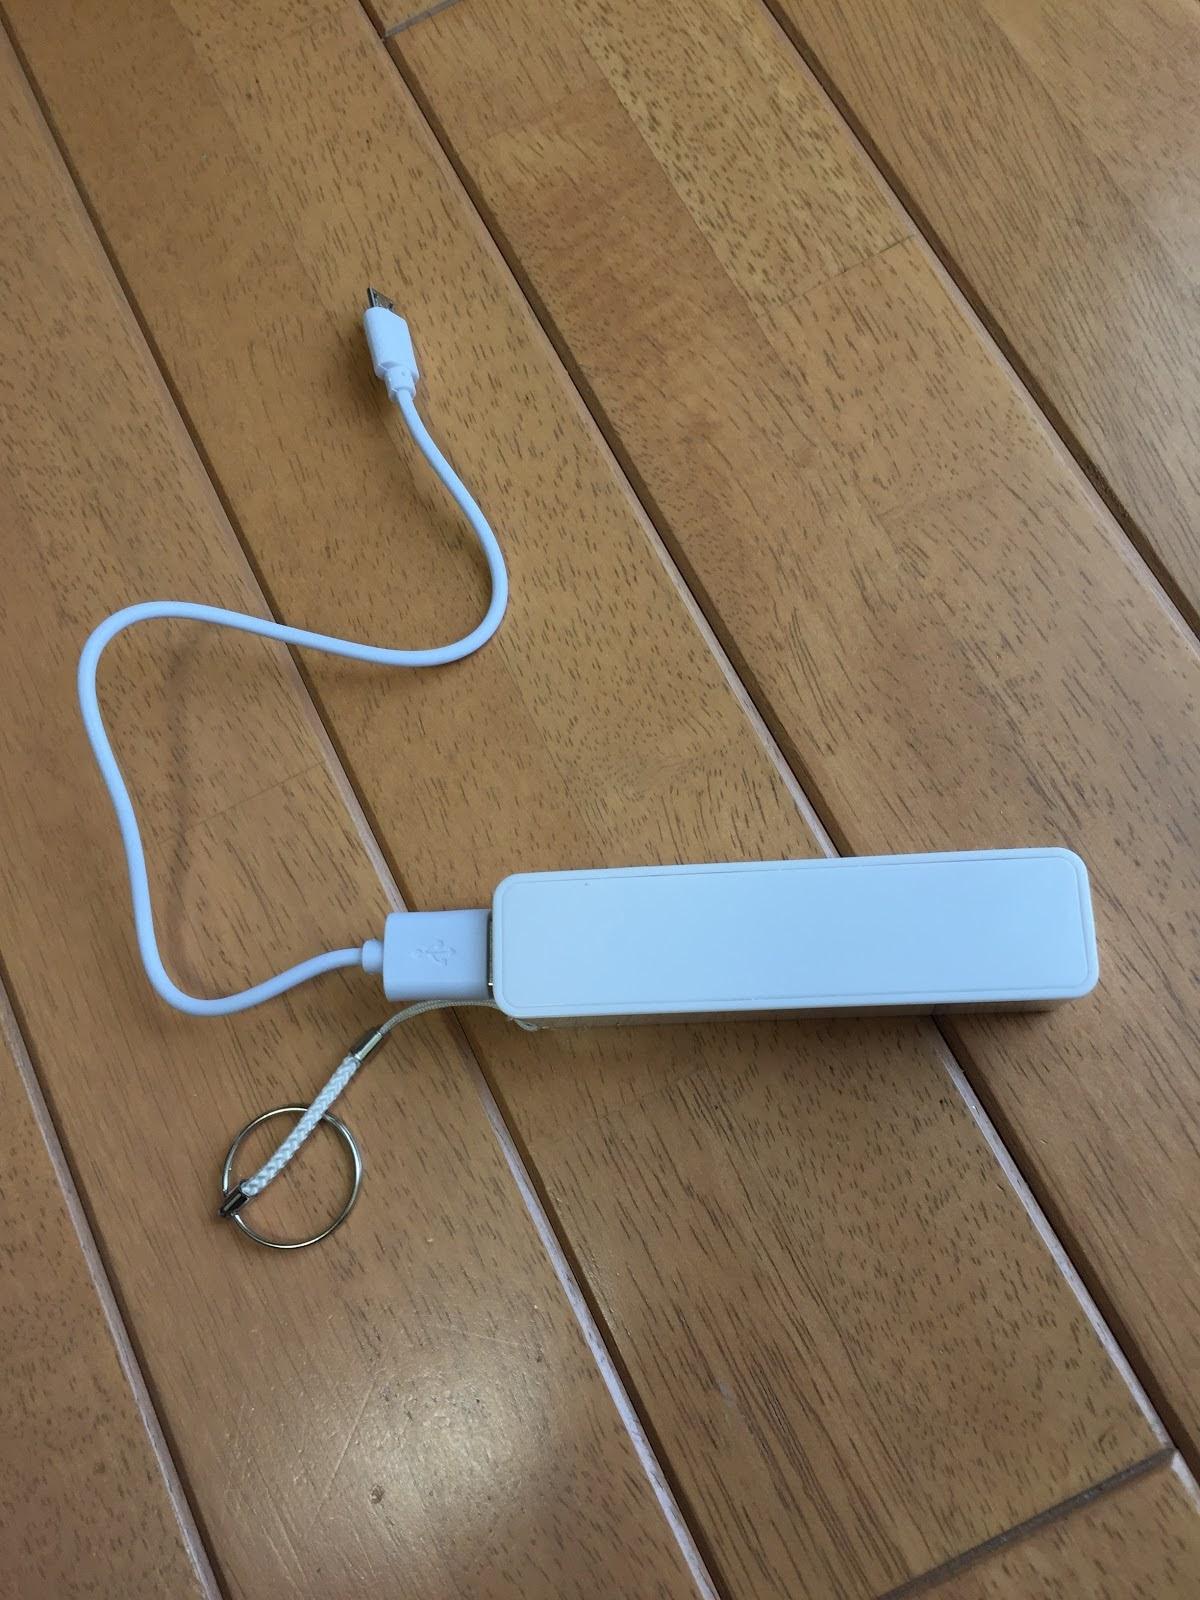 ダイソー300円モバイルバッテリーは短いマイクロUSBケーブル付